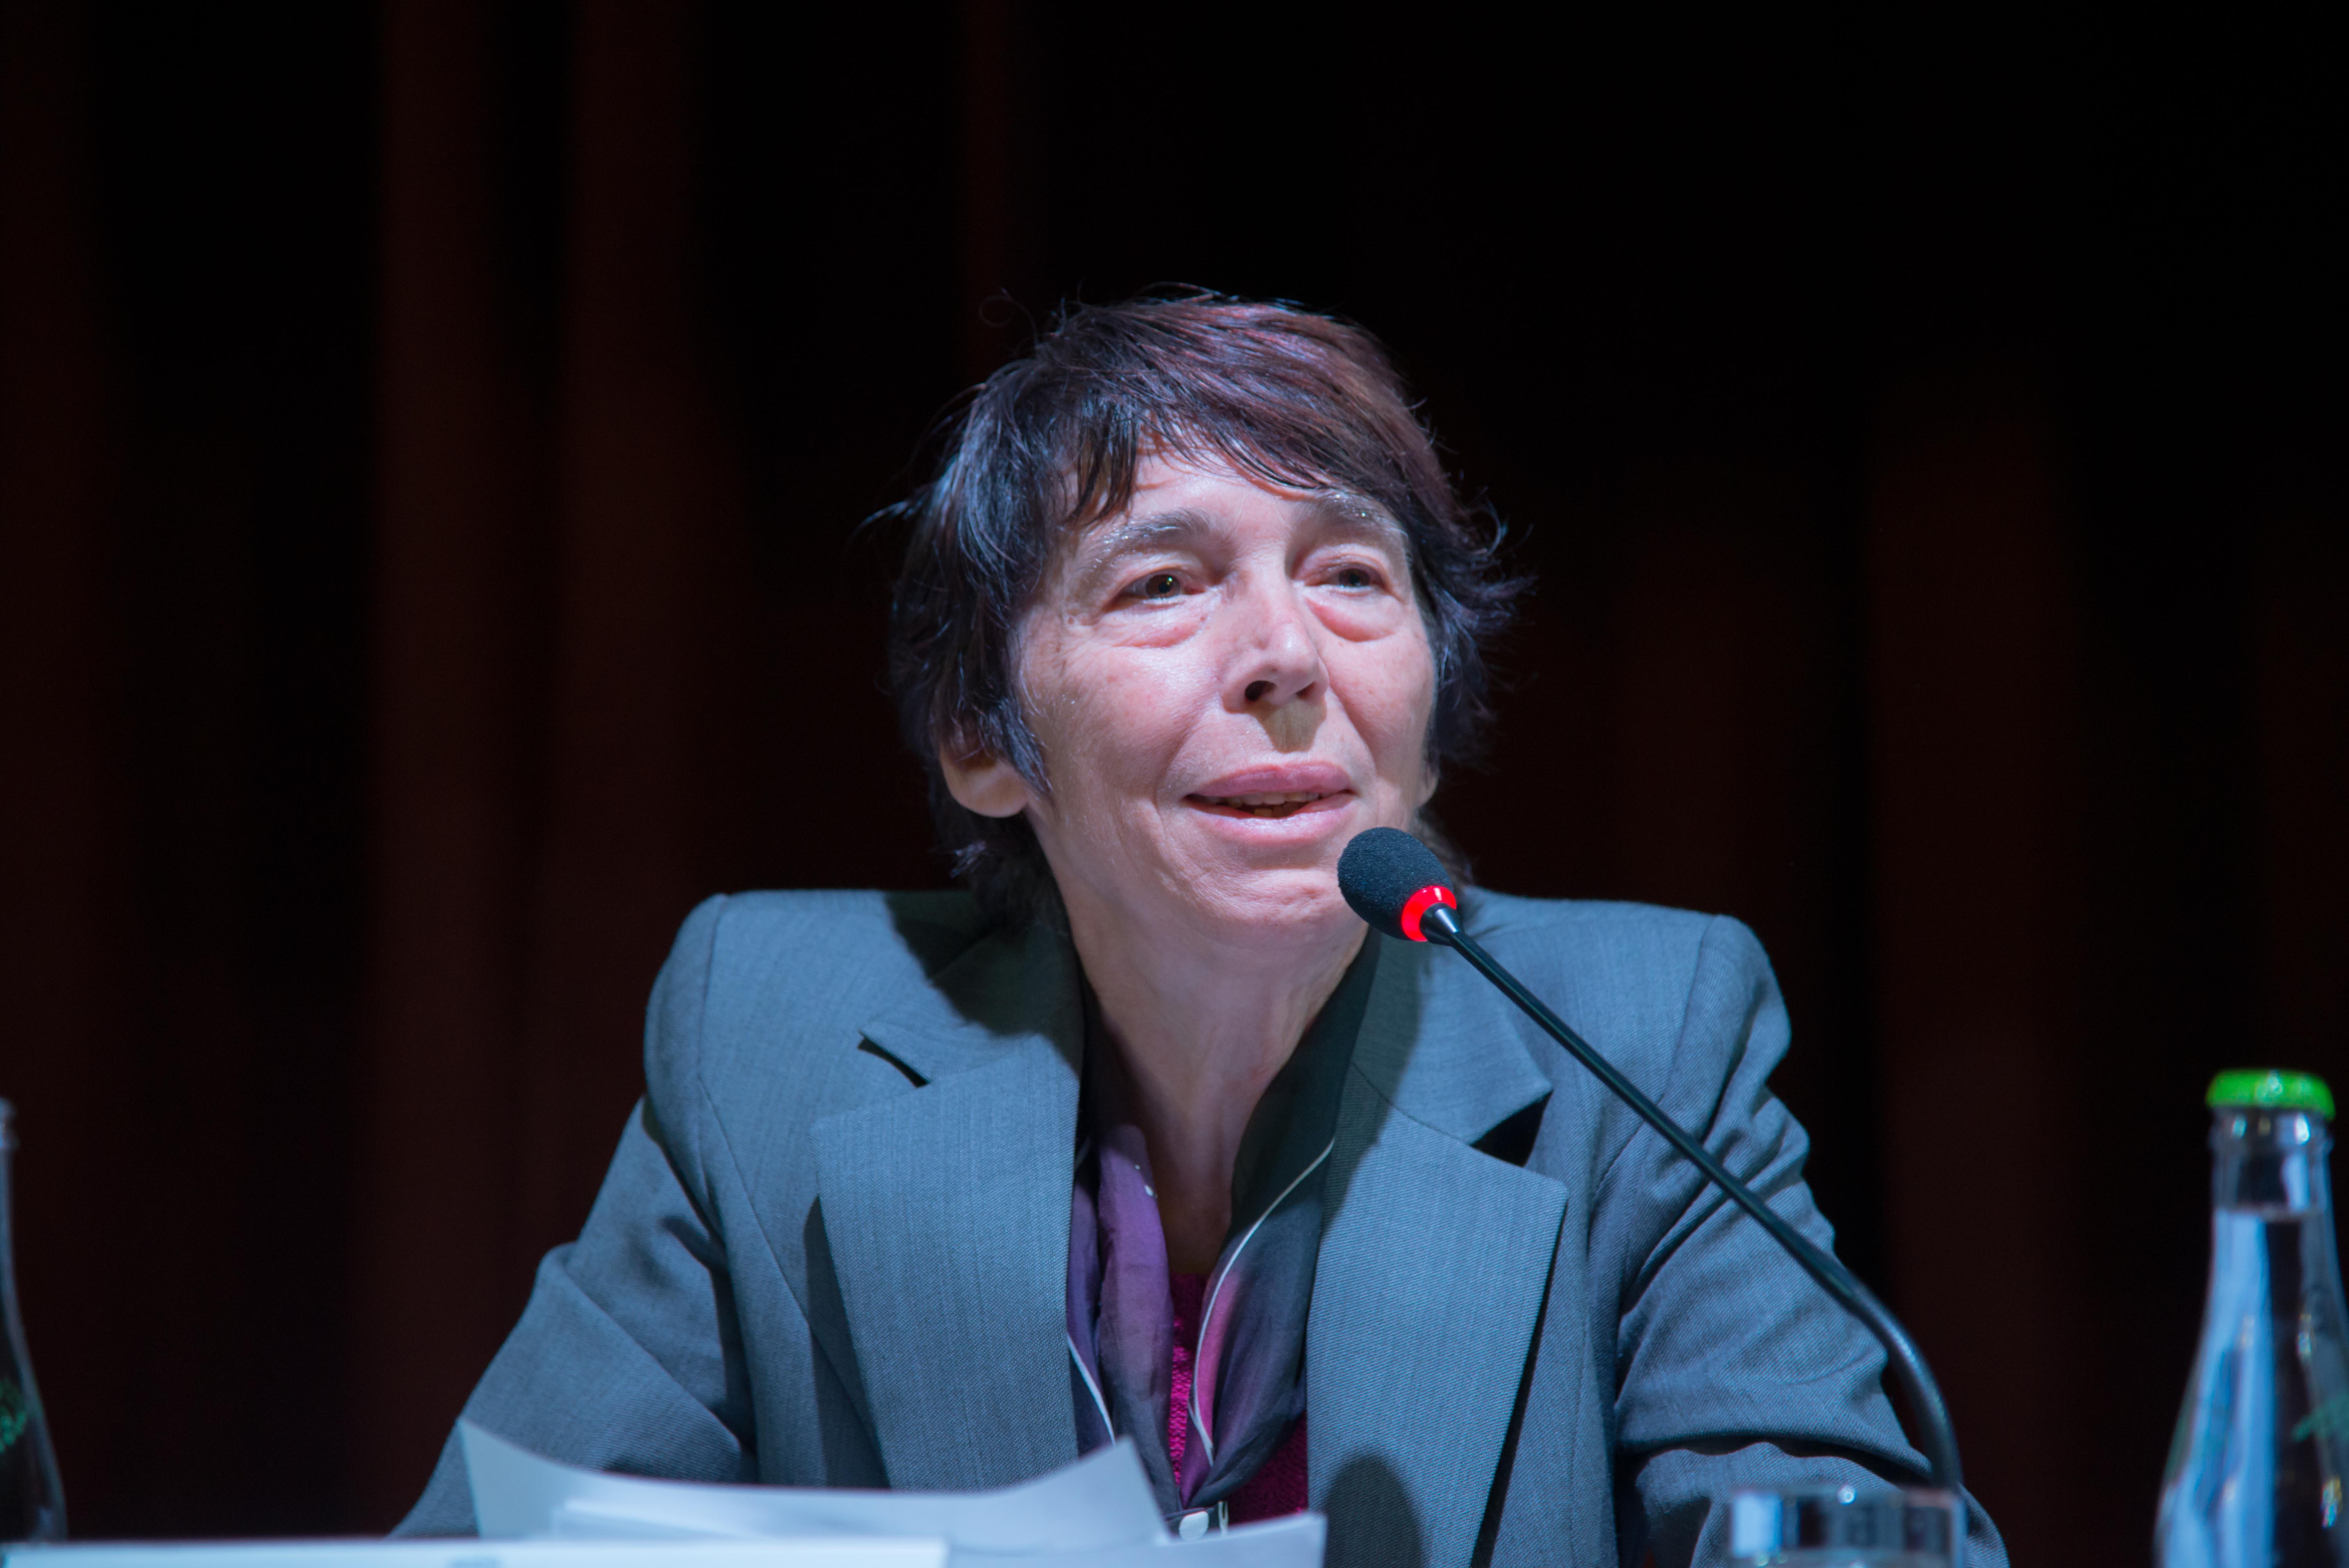 CIESPAL rechaza impedimento a Sally BURCH para cubrir XI Conferencia Ministerial de la OMC en Argentina